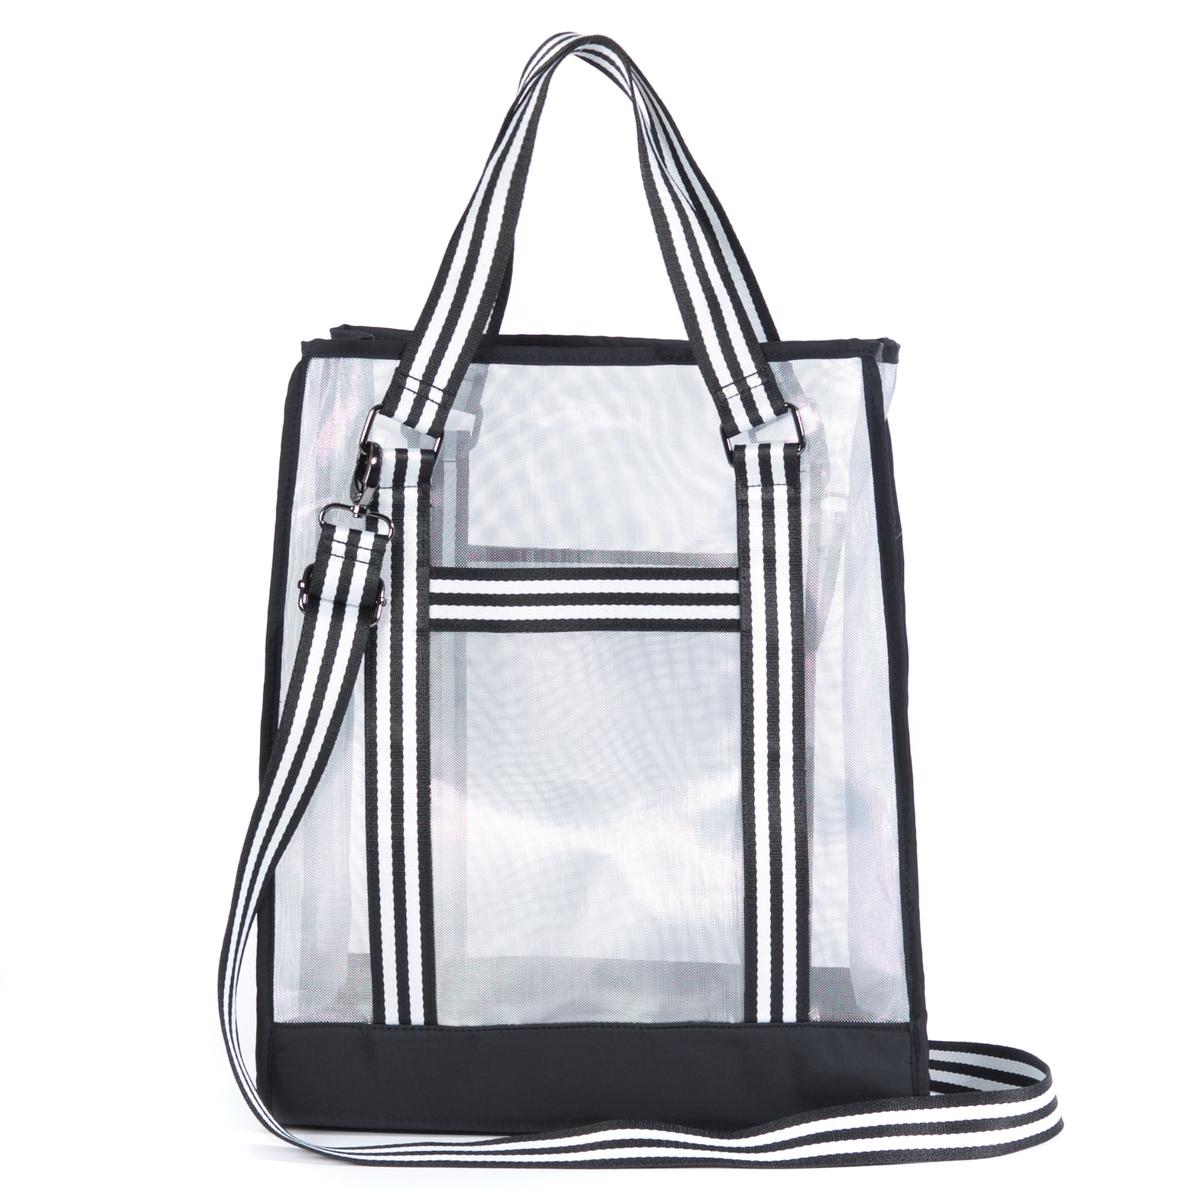 Сумка-шоппер в спортивном стилеОписание:Эта модная прозрачная сумка-шоппер с ремнями удобно располагается на плече или в руке для комфорта во время шоппинга или активных прогулок. Состав и описание :Материал верха :  полиэстерПодкладка : полиэстер Размеры :  Ш31 x В41 x Г11 смЗастежка : молнияВнутренний карман :  1 карман с застежкой на молнию и 2 кармана для мобильного телефонаПлечевой ремень : съемный, нерегулируемый Носить : через плечо или в руках<br><br>Цвет: черный<br>Размер: единый размер